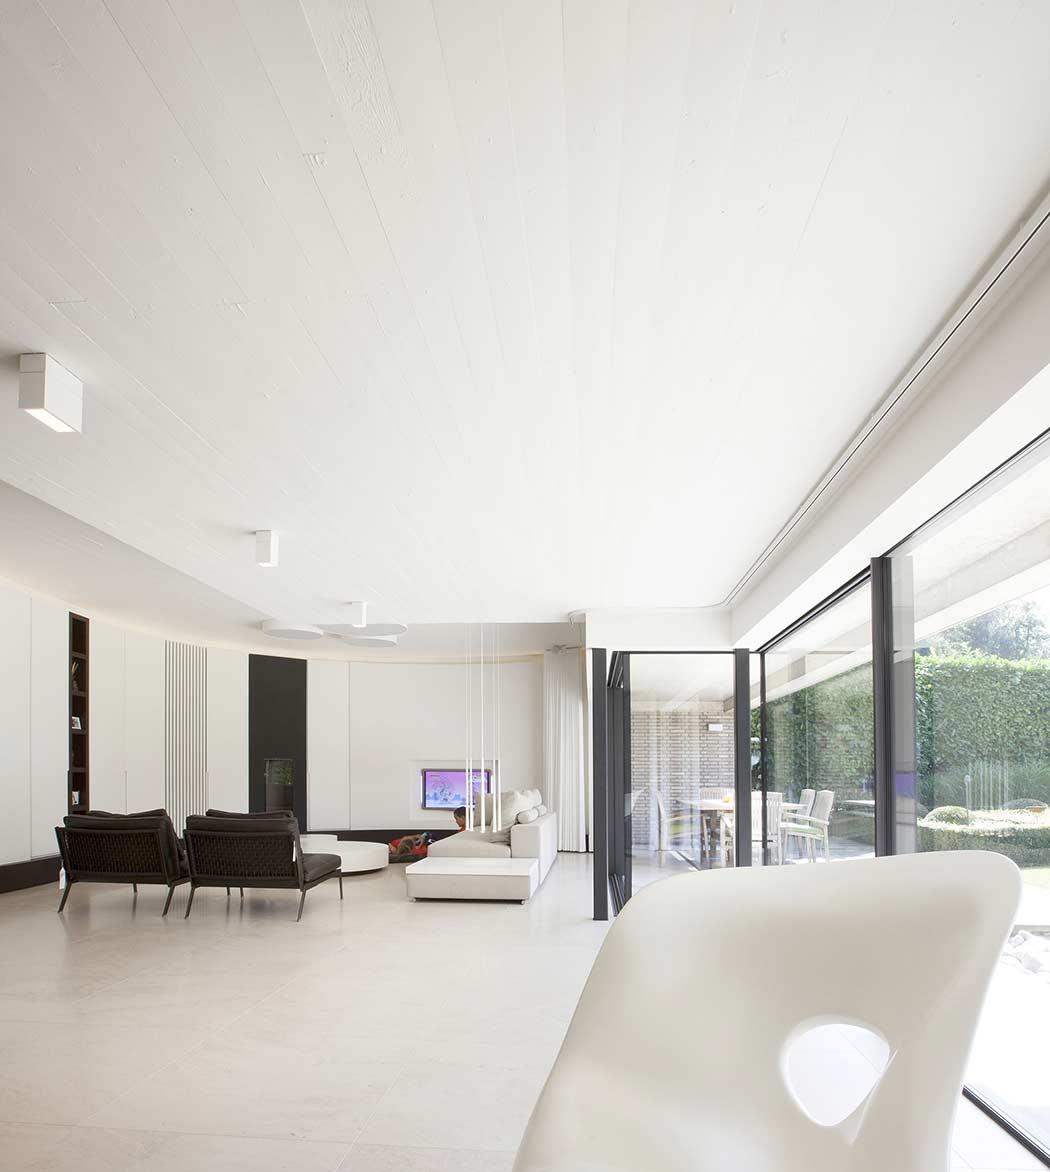 De 50 fotos de salas decoradas modernas peque as for Foto minimalista